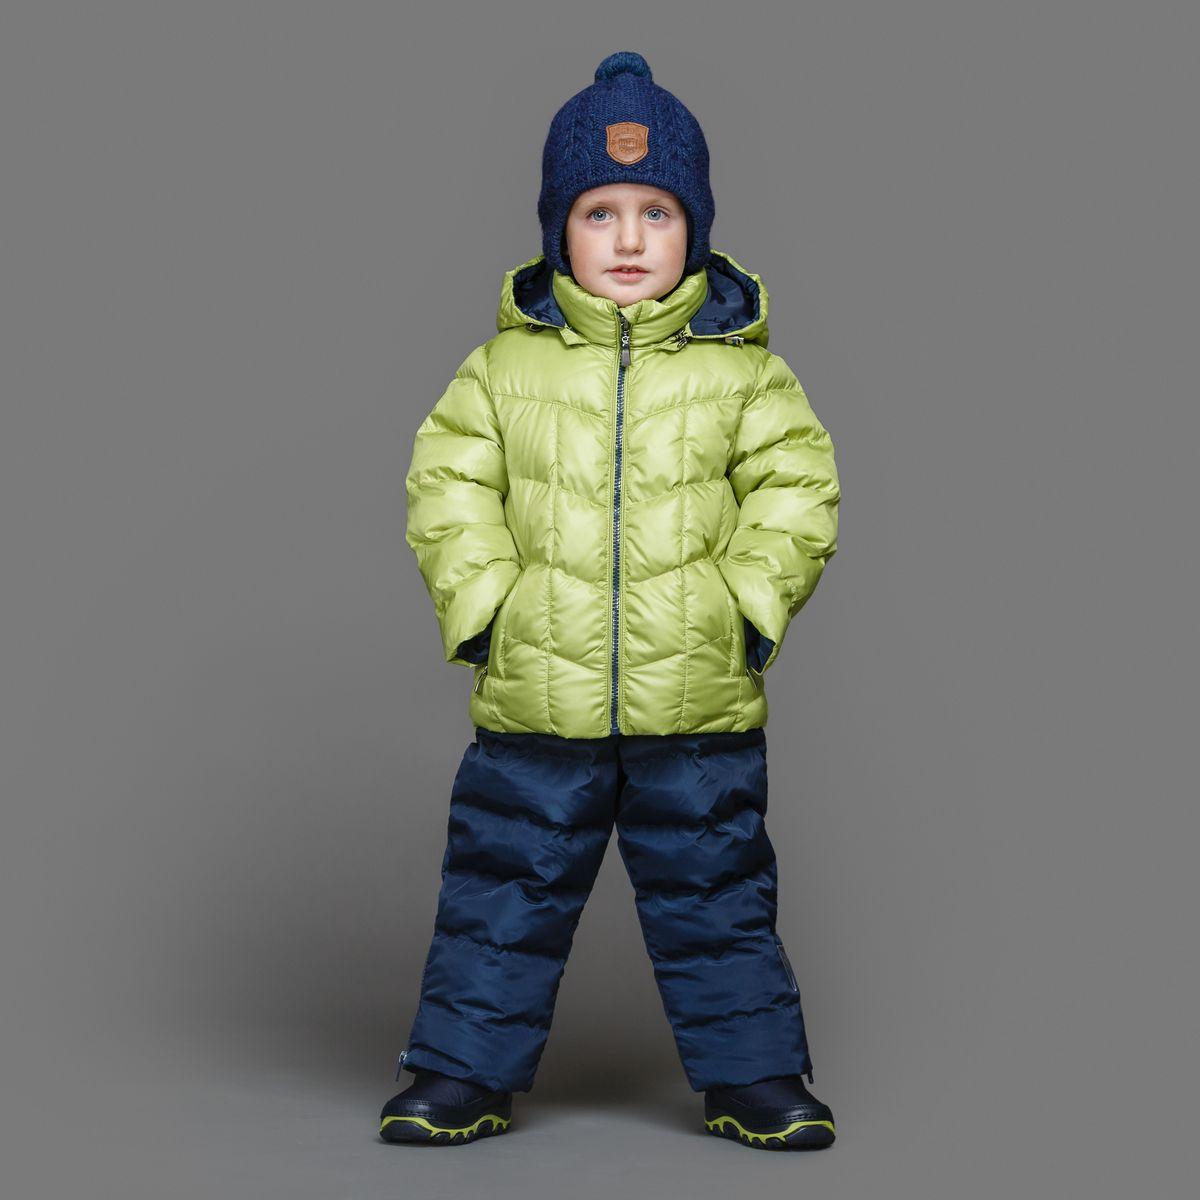 39-149Теплый комплект Ёмаё идеально подойдет для ребенка в холодное время года. Комплект состоит из куртки и полукомбинезона, изготовленных из водоотталкивающей ткани с утеплителем из синтепуха. Подкладка выполнена из полиэстера. Куртка застегивается на пластиковую застежку-молнию и дополнена съемным капюшоном на кулиске. Низ рукавов с внутренними трикотажными манжетами - дополнительная защита от ветра и снега. Предусмотрены два прорезных кармана на молнии. Понизу куртка регулируется с помощью резинки на кулиске. Полукомбинезон с небольшой грудкой застегивается на пластиковую застежку-молнию и имеет наплечные лямки с пластиковым карабином, регулируемые по длине. Спереди он оформлен двумя втачными кармашками. На талии предусмотрена широкая эластичная резинка, которая позволяет надежно заправить в брюки водолазку или свитер. Снизу брючины дополнены внутренними манжетами с настроченной эластичной тесьмой с латексной нитью (антискользящая), которая фиксирует брючины на сапогах и...